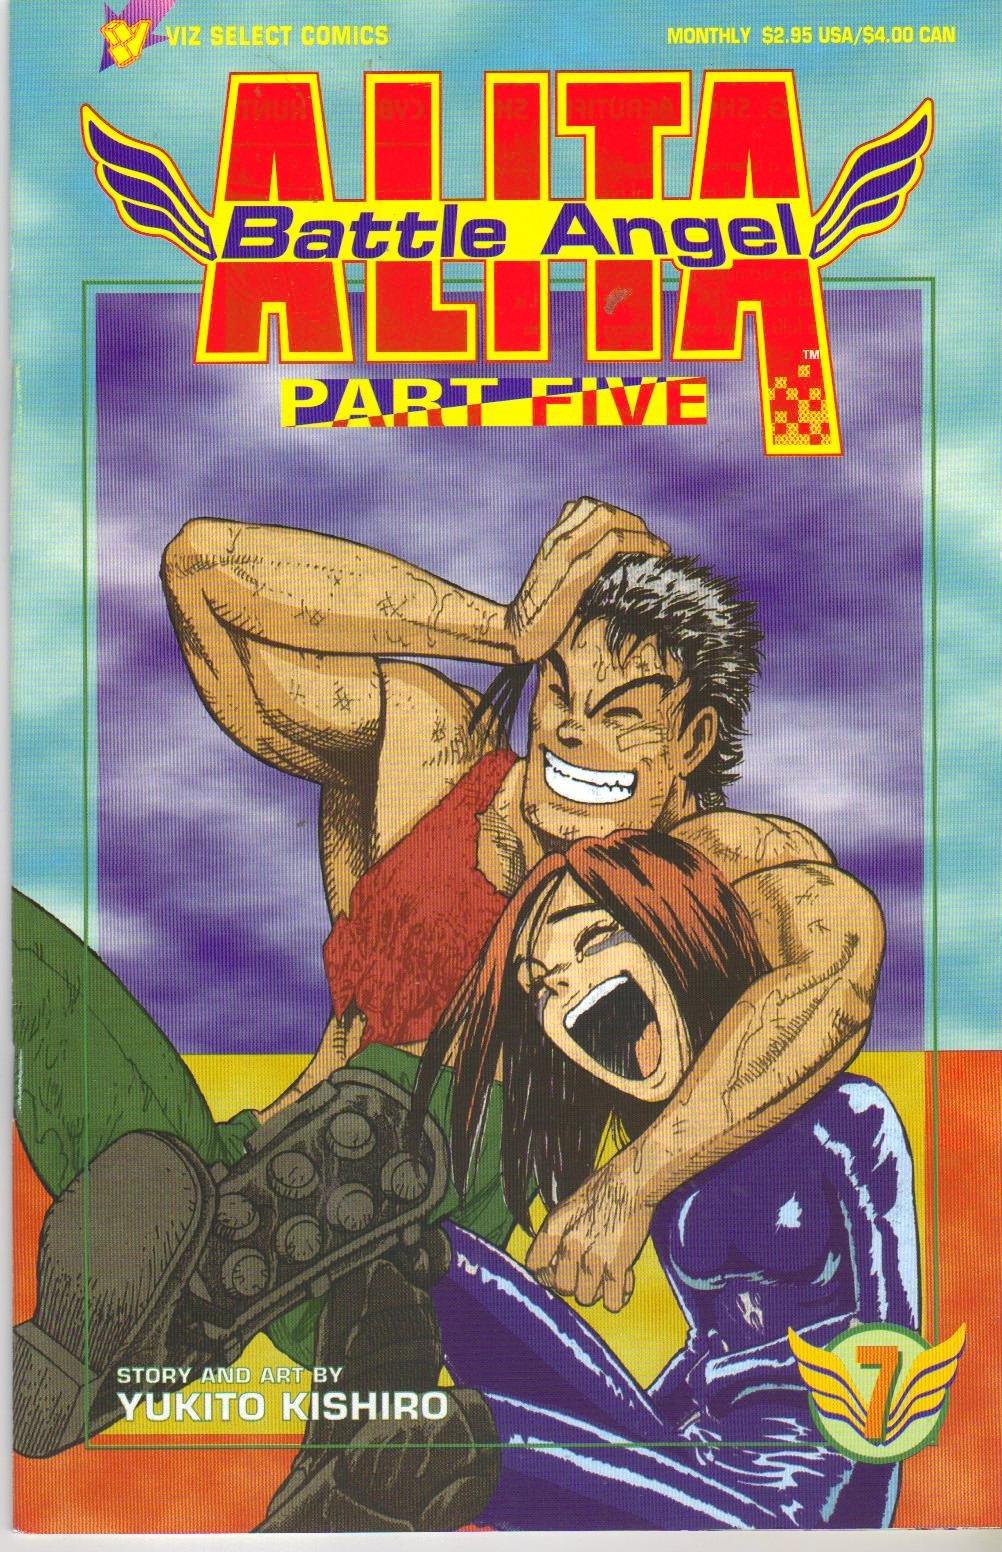 1996 Yukito Kishiro Battle Angel Alita Part Seven No.1